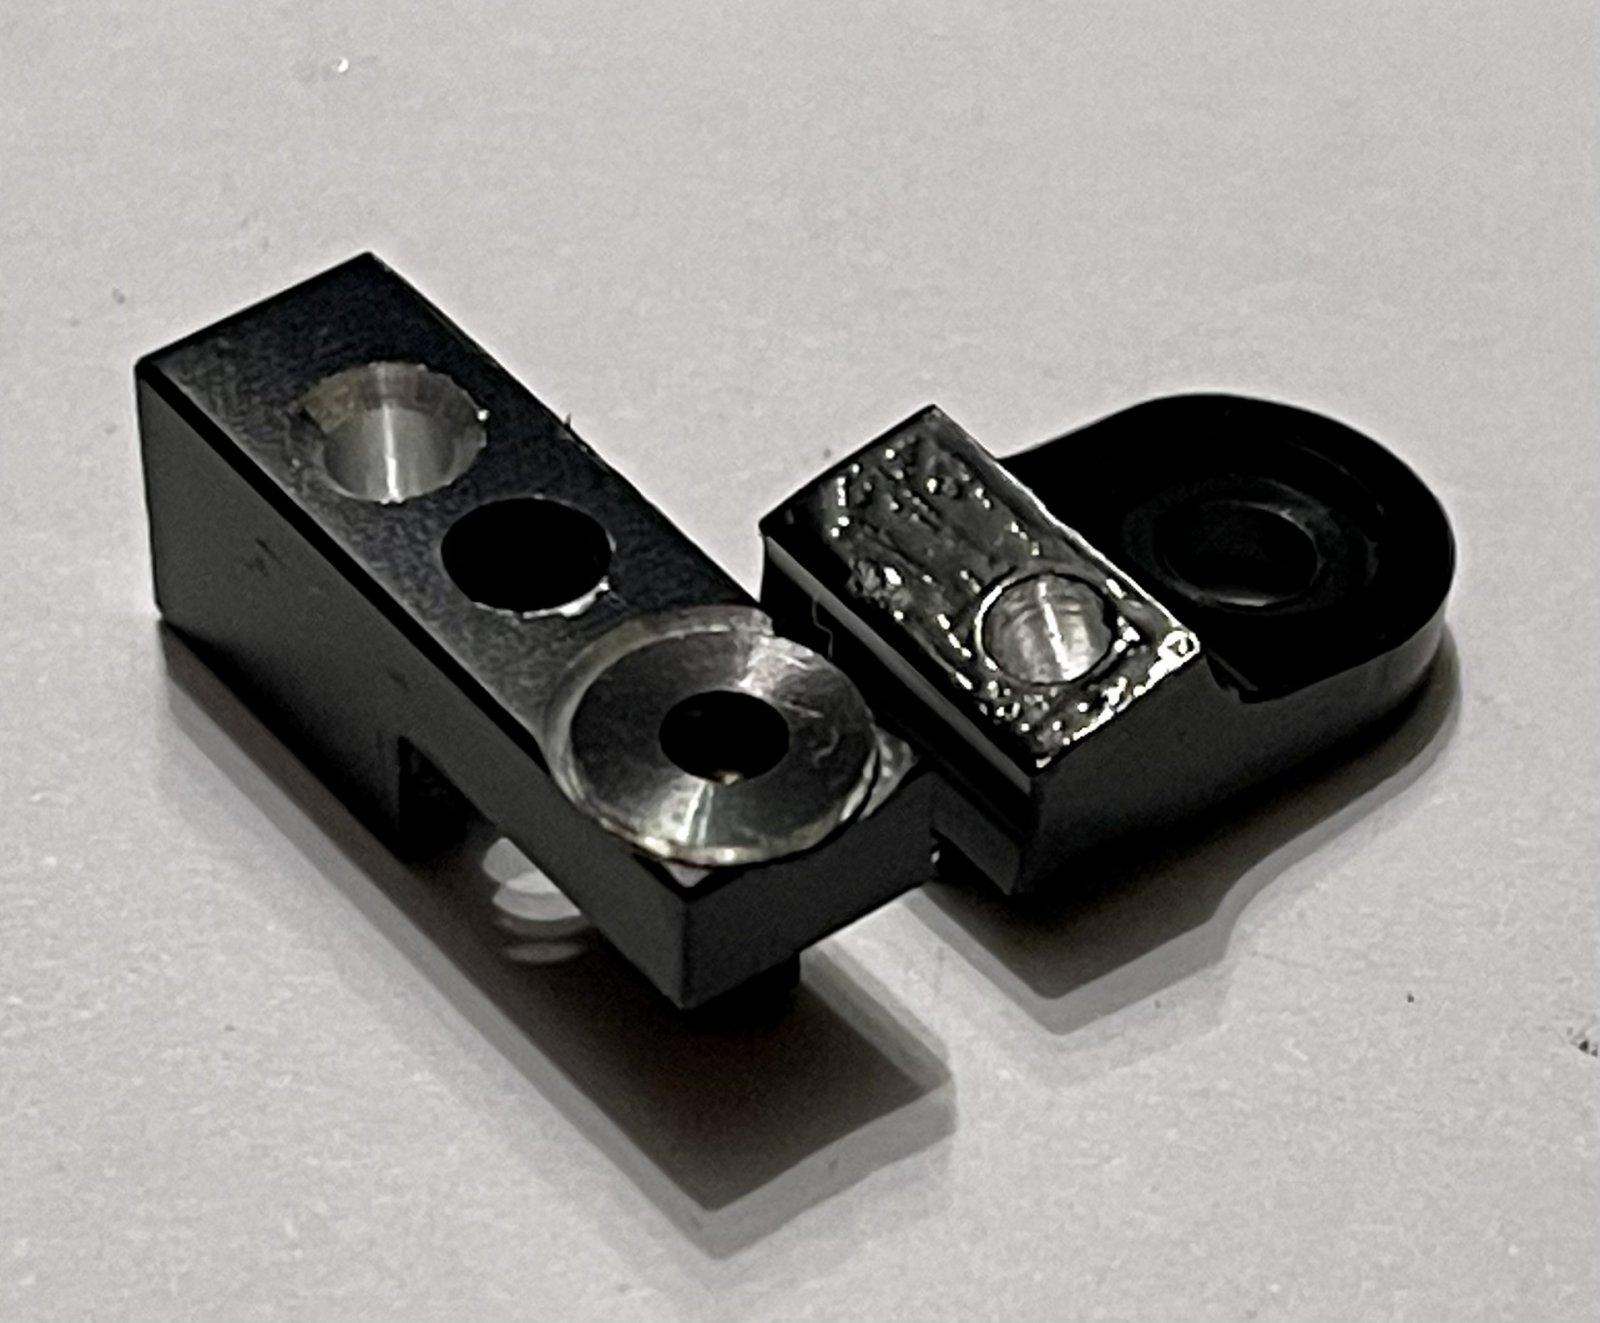 658A79E5-CBF4-49C3-911D-30E44459D8F5.jpeg